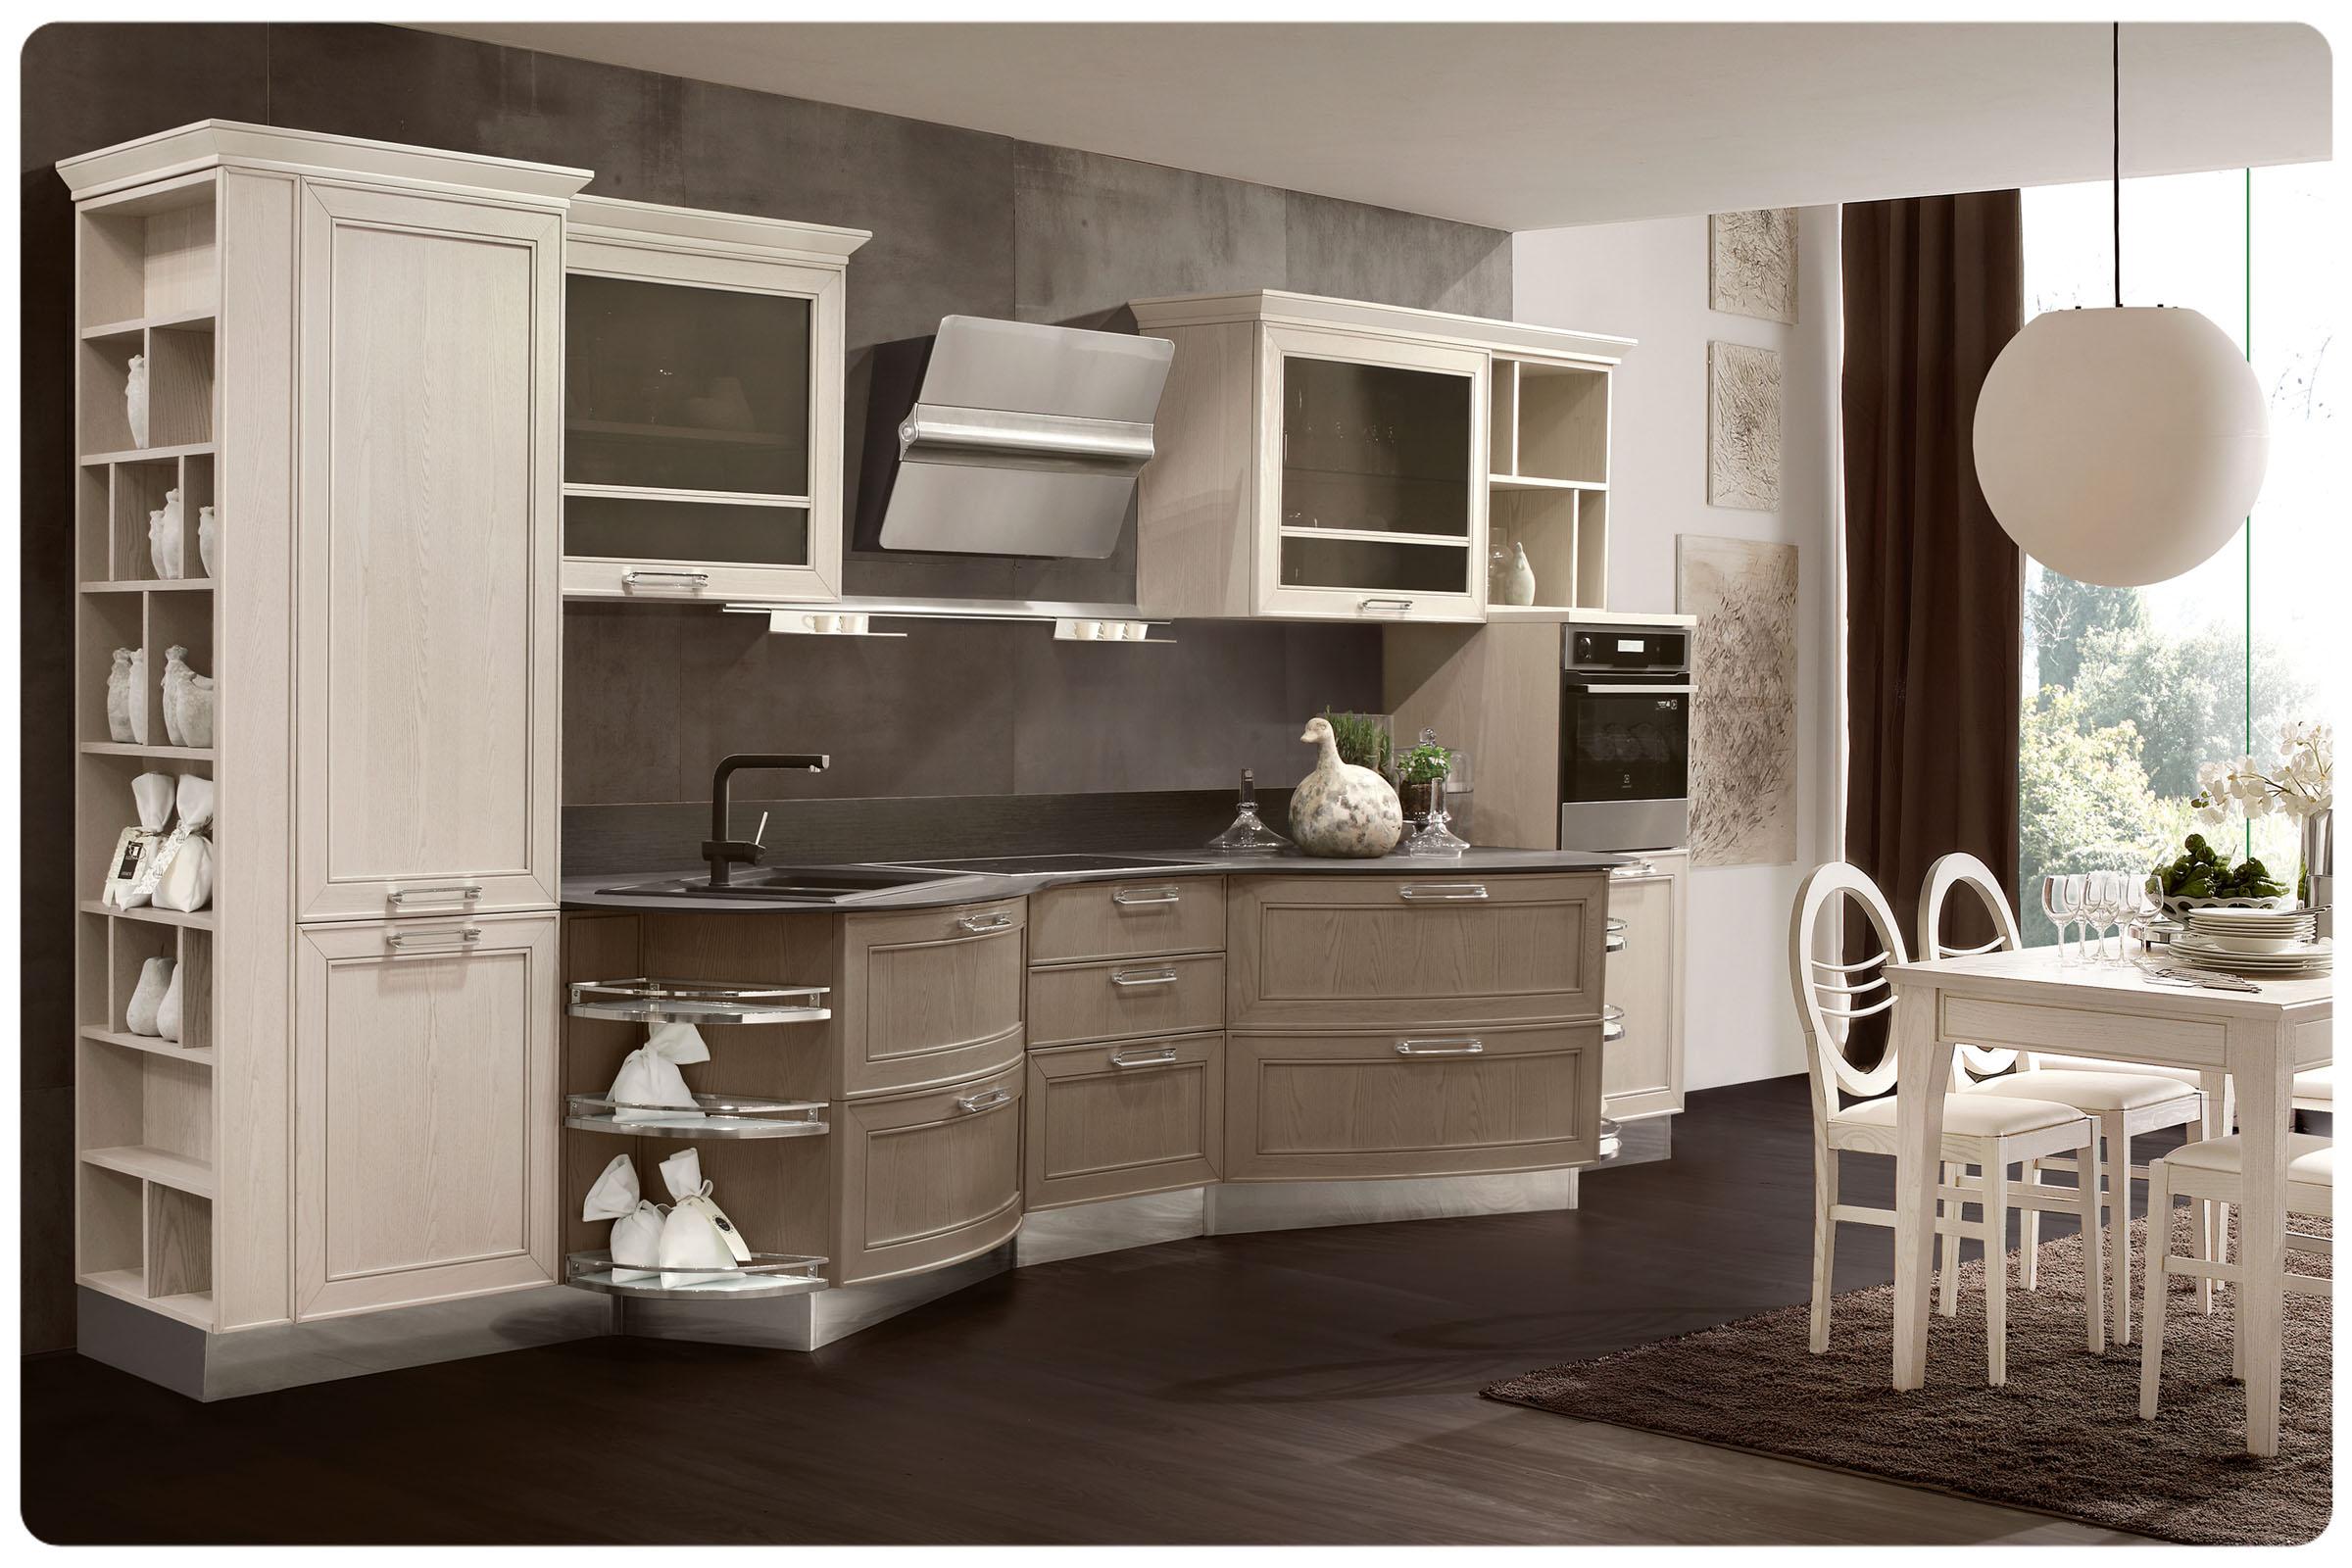 Cucine Componibili | Cucine Componibili A Basso Prezzo Good Cucine ...